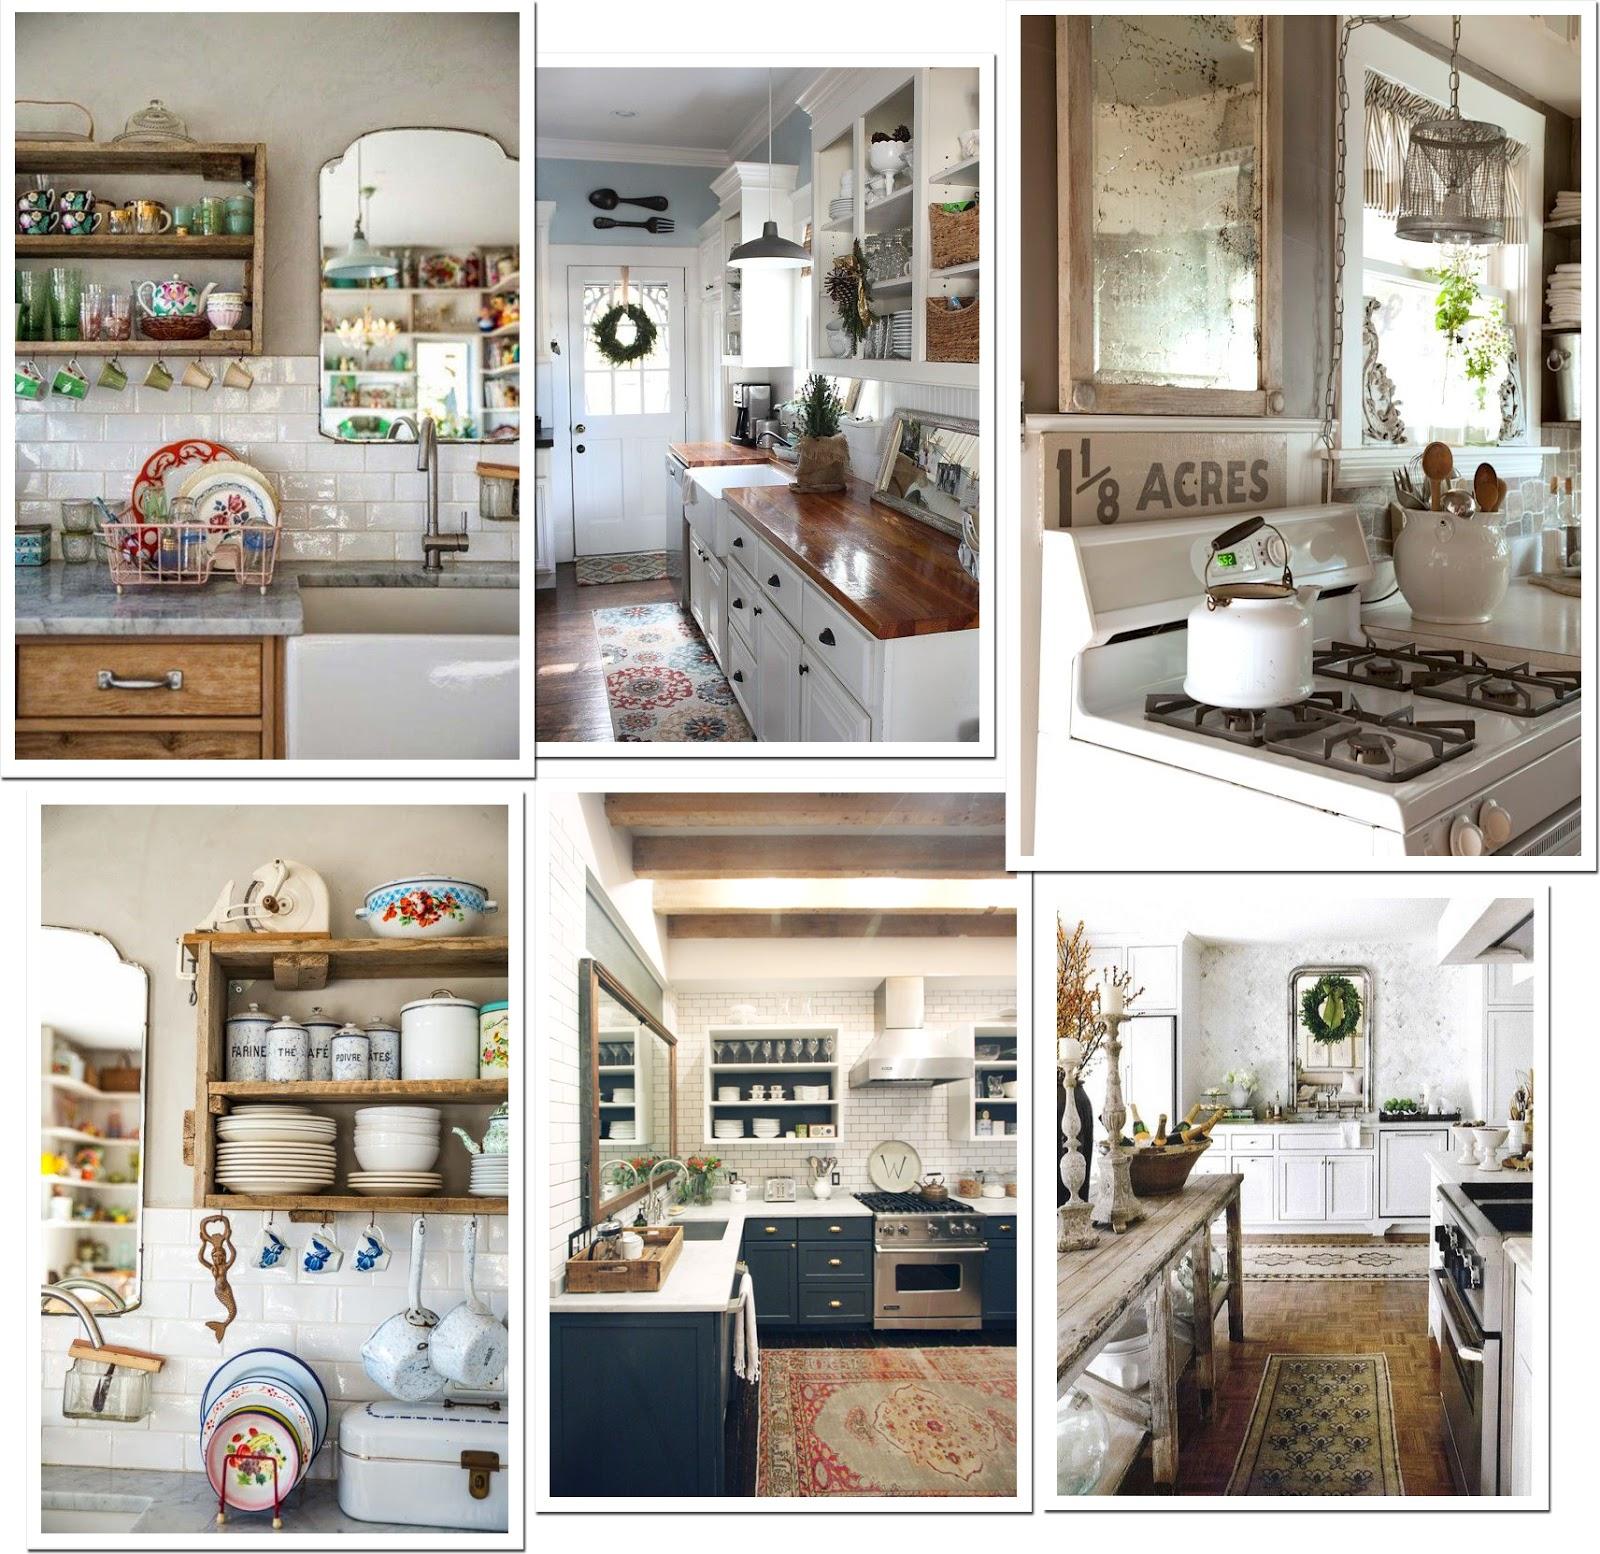 Uno specchio in cucina - Shabby Chic Interiors